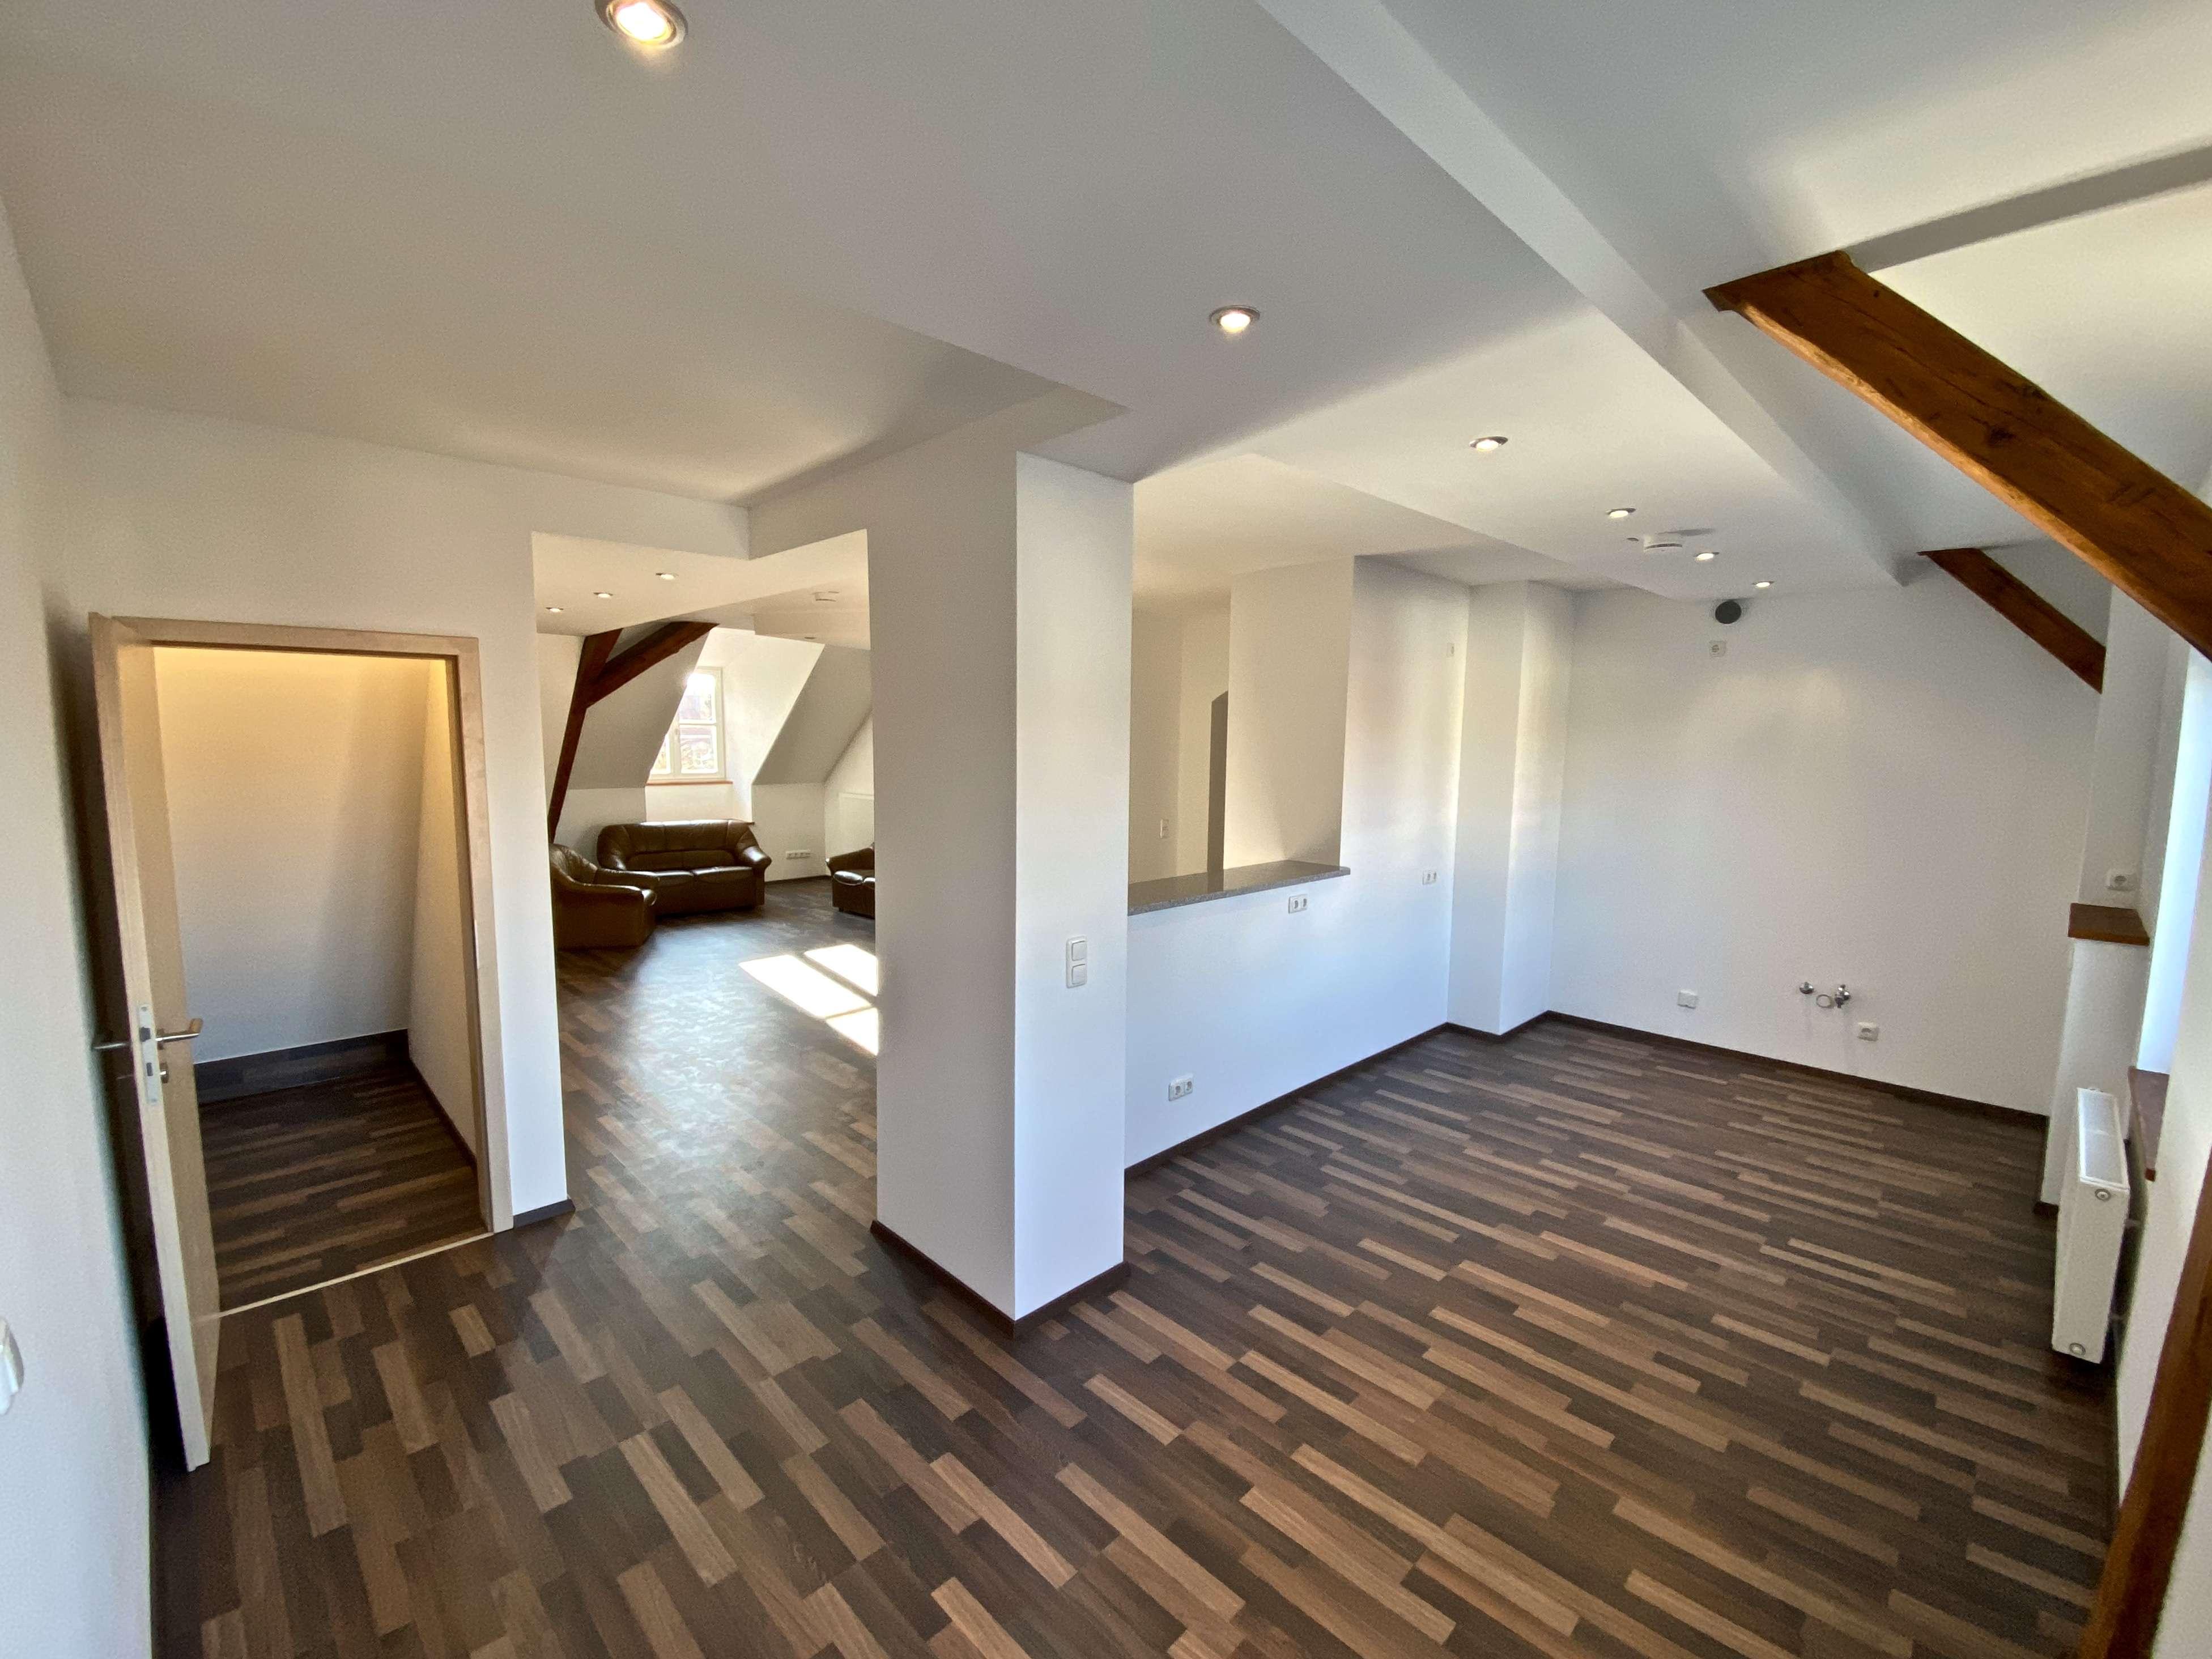 Helle Loft Wohnung, 2,5 Zimmer, Erstbezug, Innenstadt in Regensburg-Innenstadt